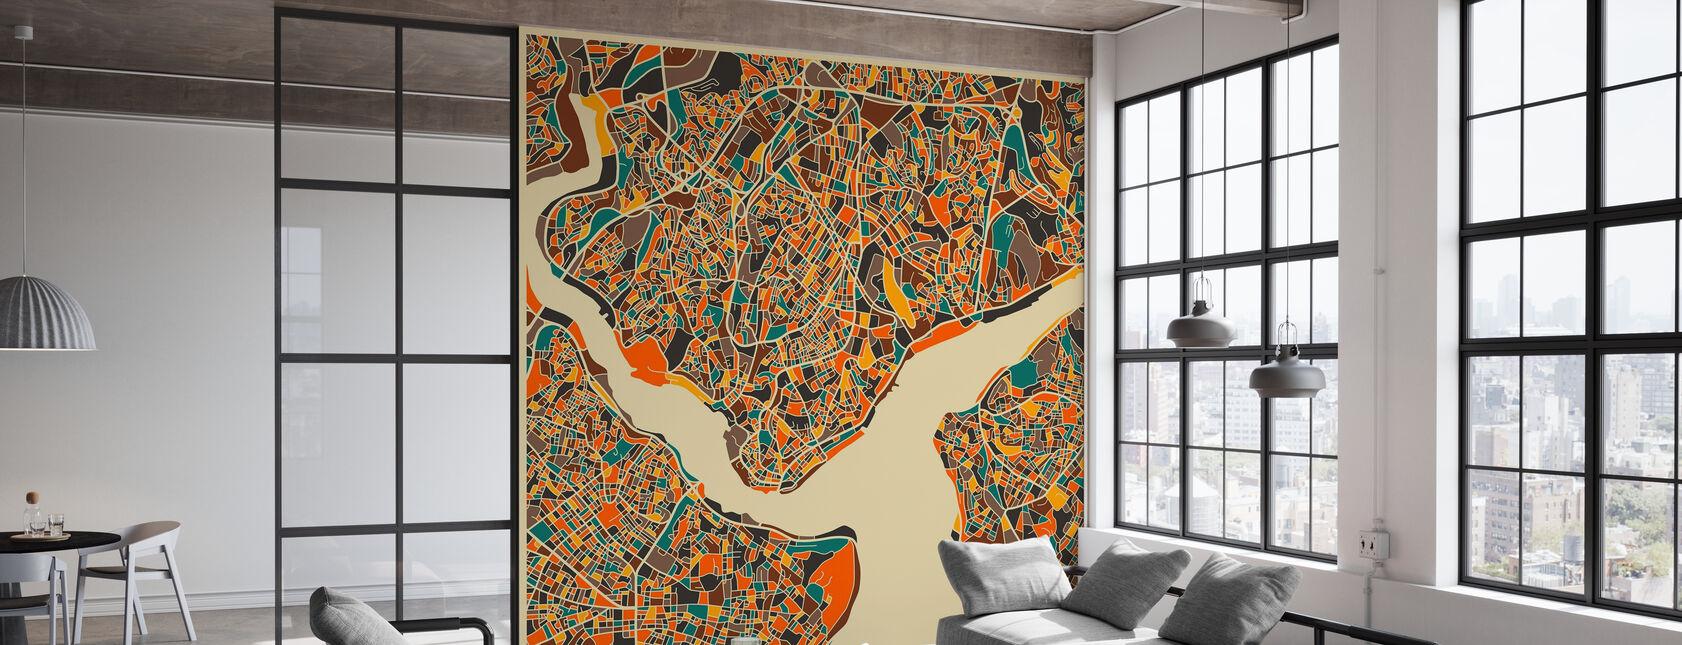 Mapa Multicolor - Estambul - Papel pintado - Oficina